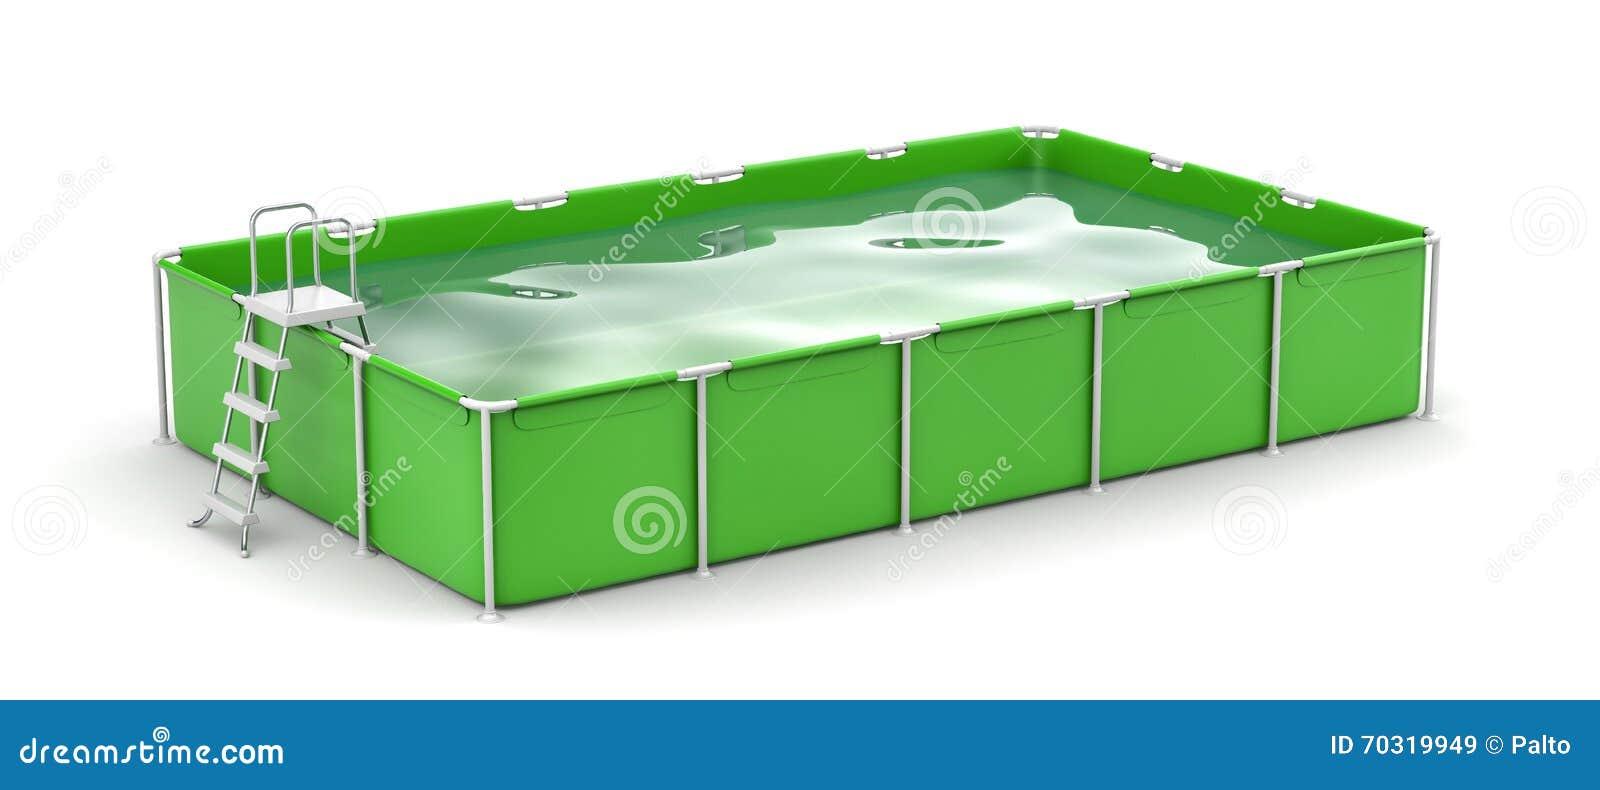 Swimming pool quadratisch - Pool quadratisch ...